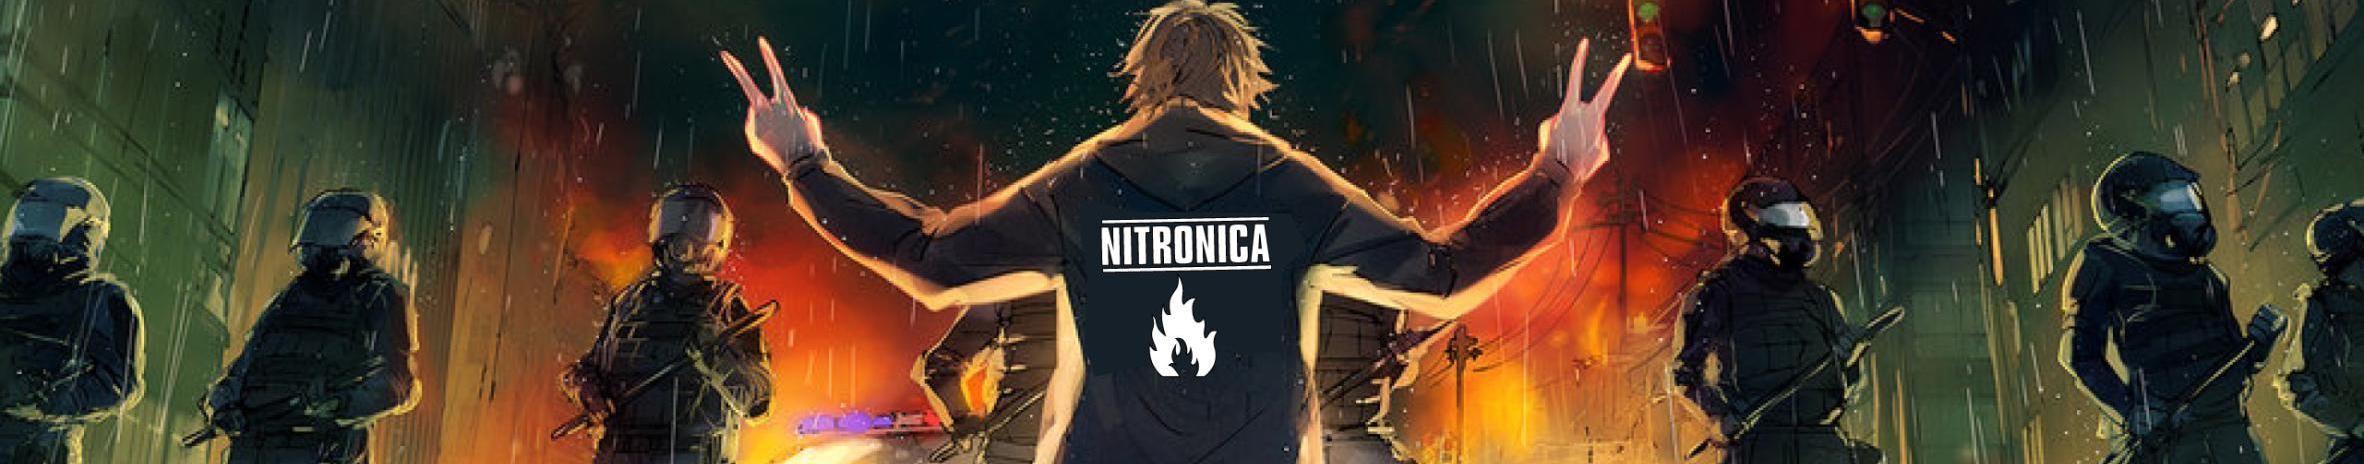 Imagem de capa de Nitronica